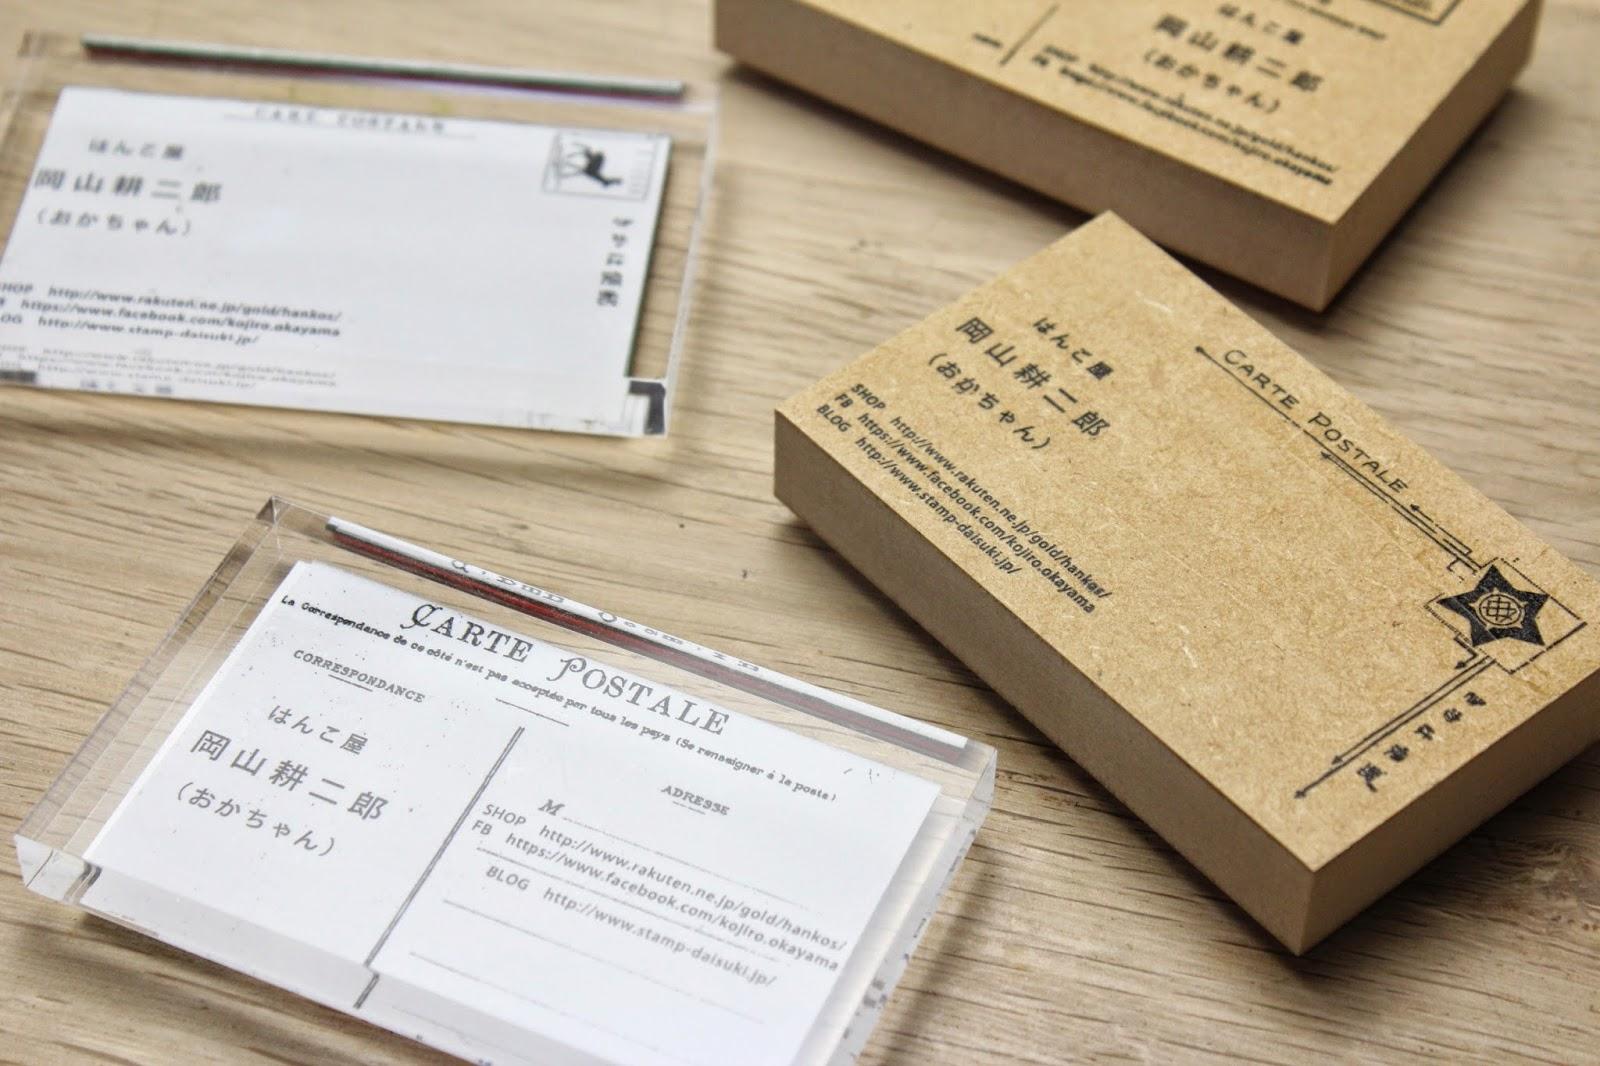 ハンコ工場のわくわくスタンプだより〜 まるでポストカード!?ユニークでおしゃれな、デザイン名刺の作り方